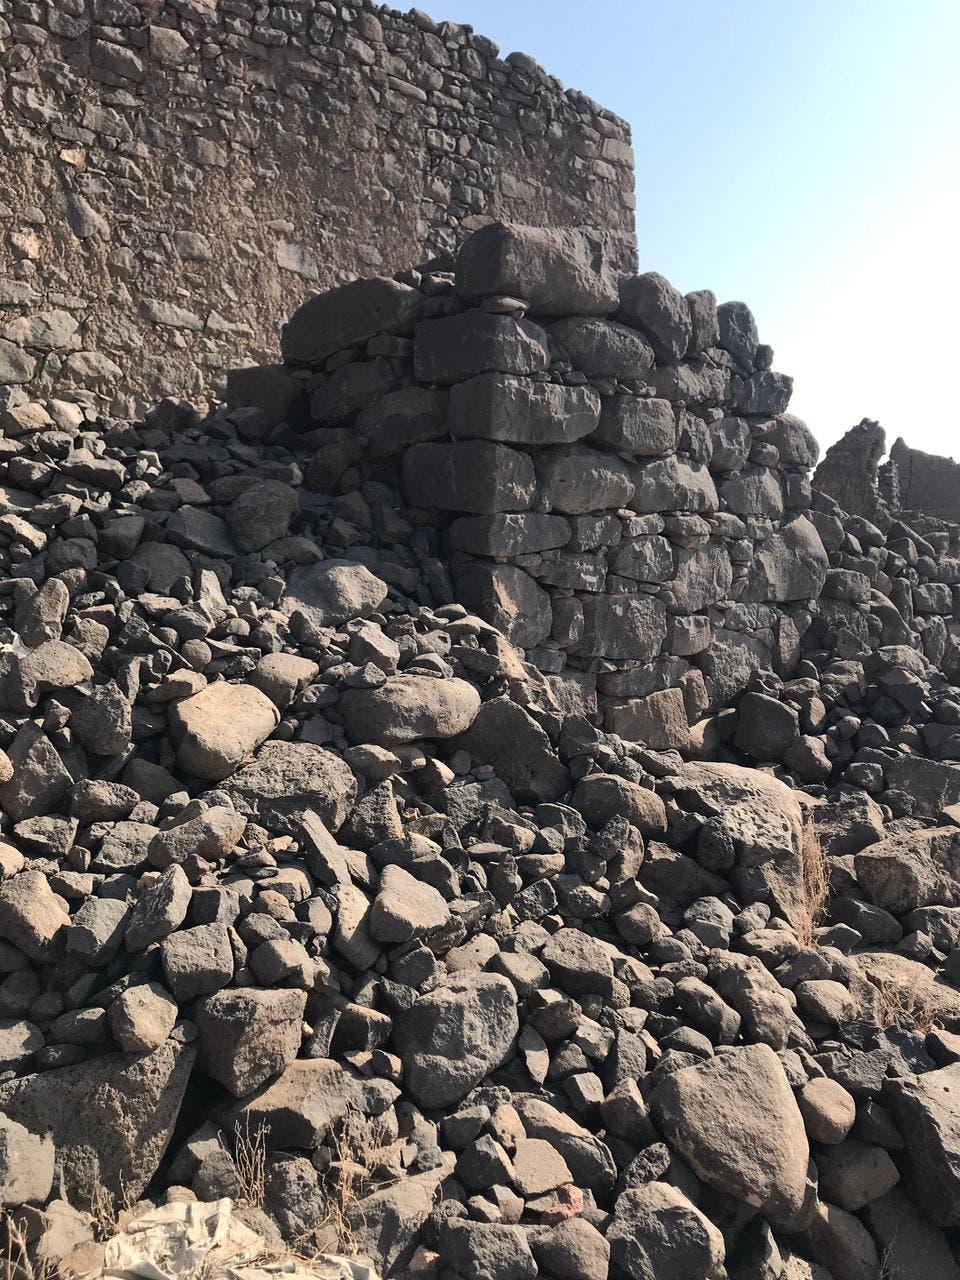 سعودی عرب کا ایک تاریخی شہر جو اپنی تاریخ ، ثقافت اور ادبی اہمیت کی یادگاروں کی وجہ سے شہرت رکھتا ہے